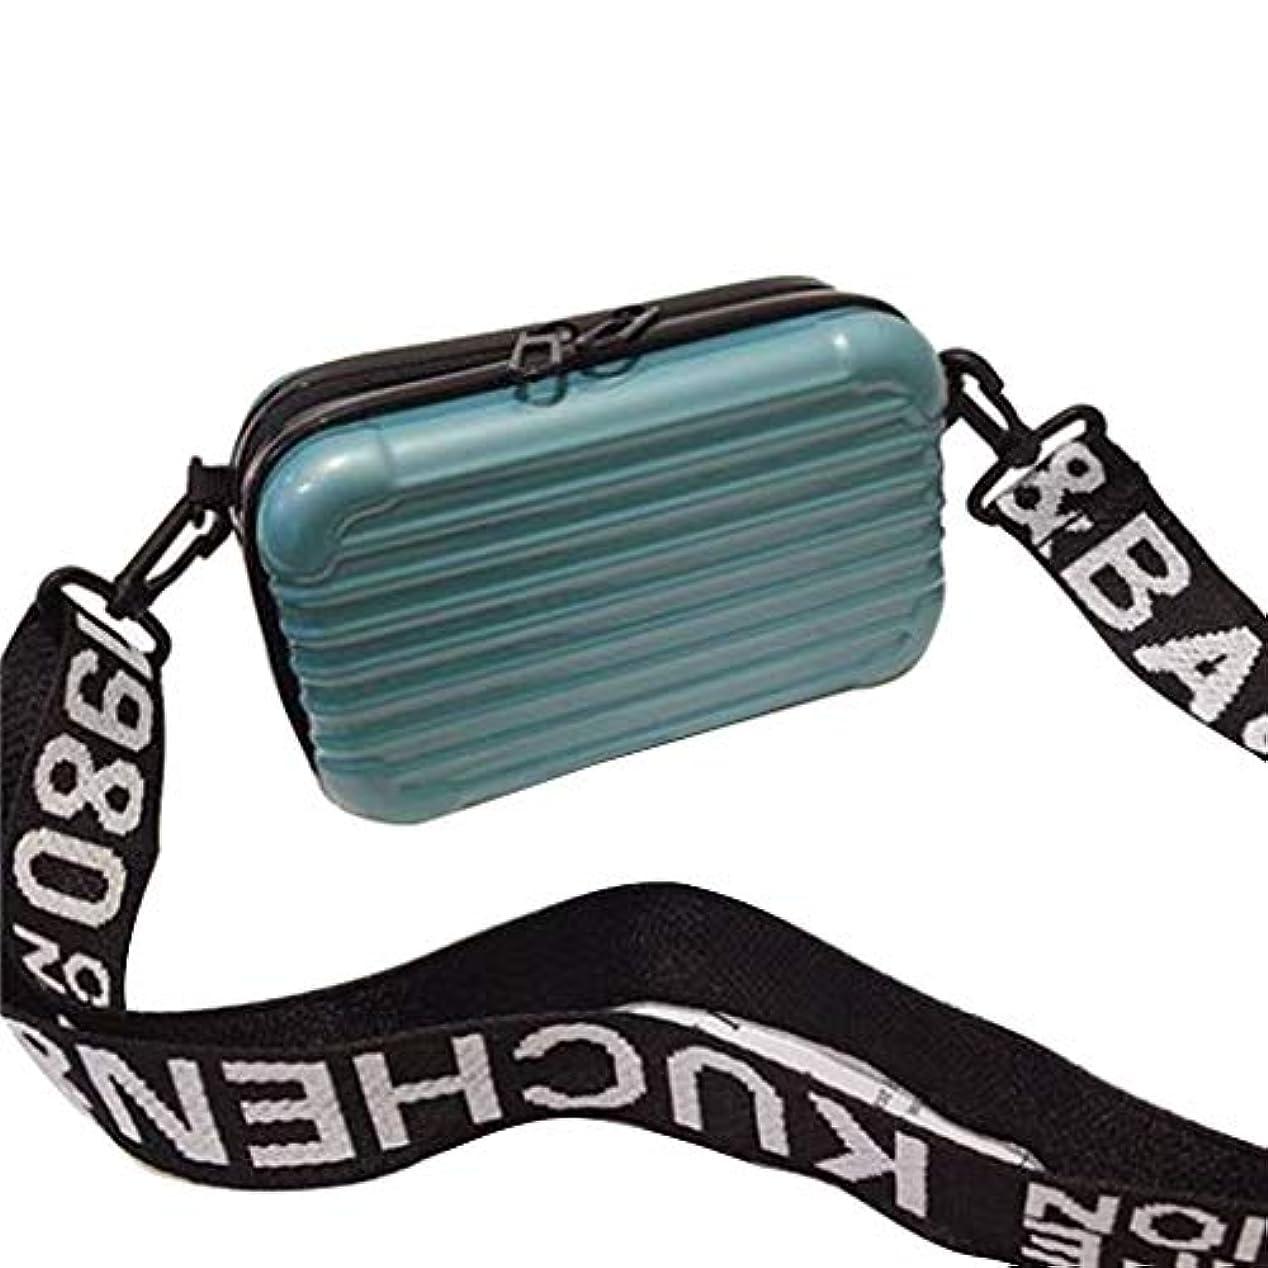 つかいます決して誰かNerhaily 化粧ポーチ 多機能ポーチ 収納バッグ 軽量 旅行 出張 お出かけ 持ち運び便利 スーツケース型 5色選択可 (青)